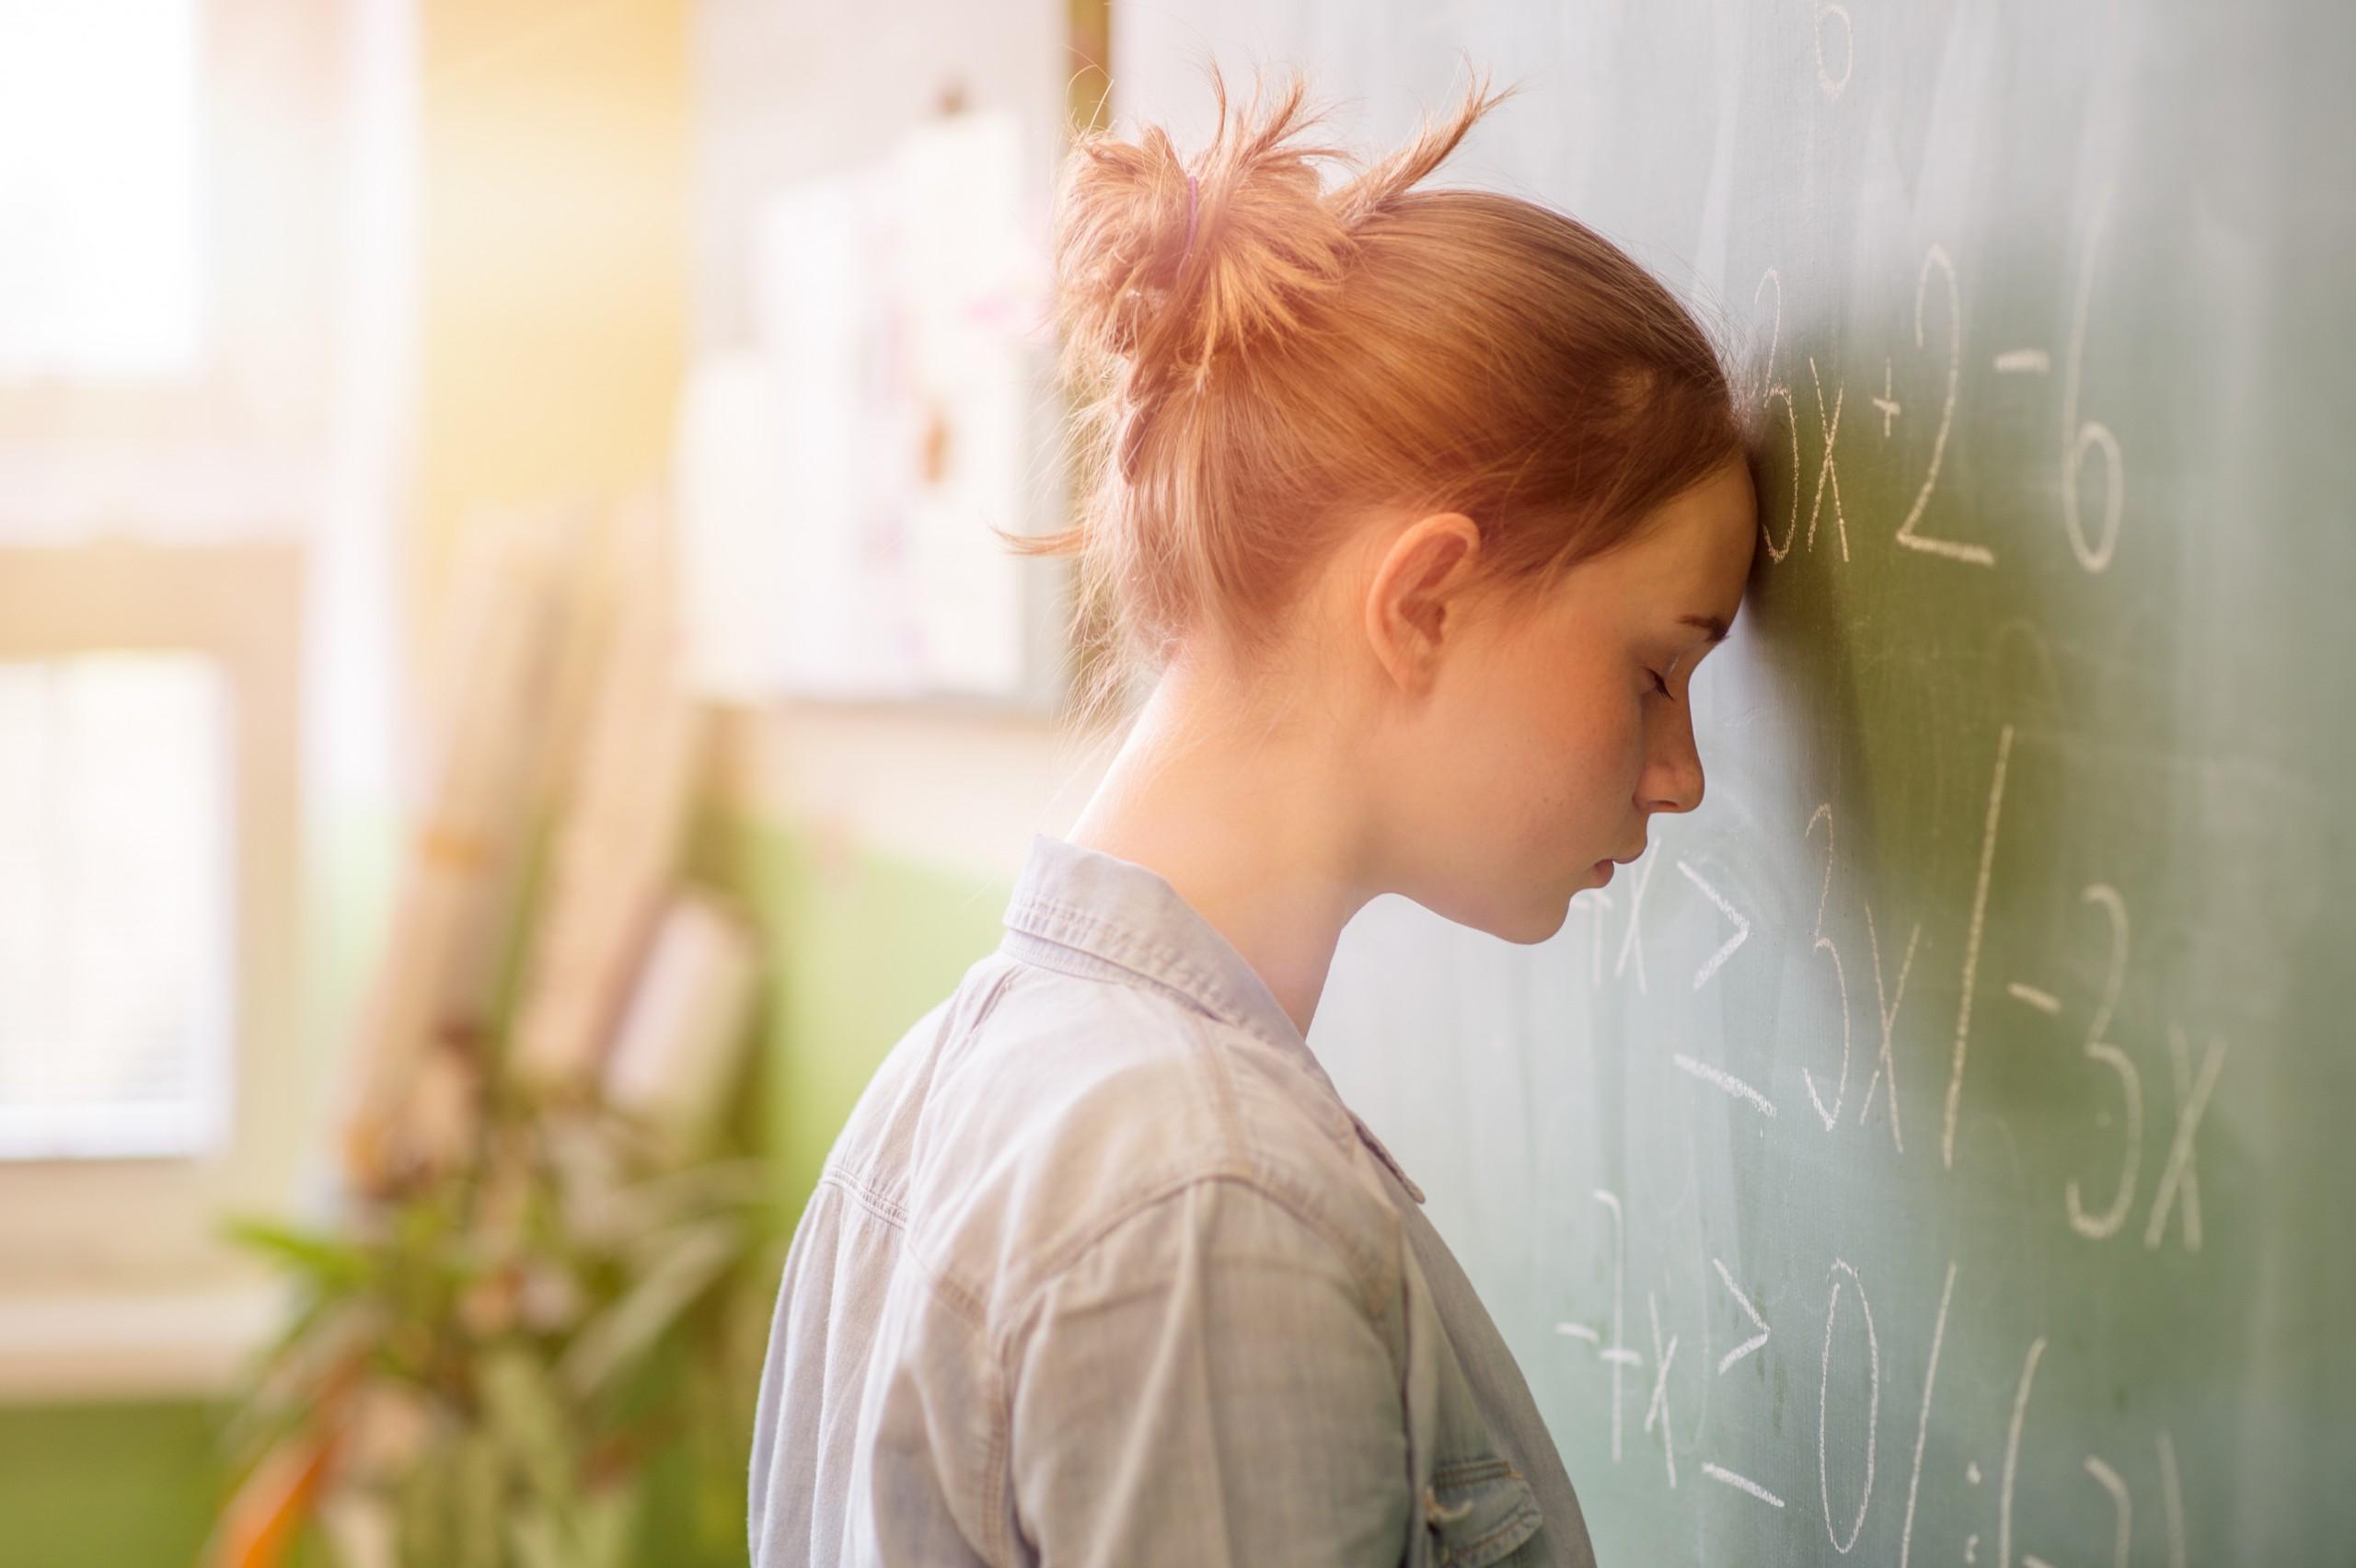 Communautés dynamiques d'apprenantes et d'apprenants de mathématiques: favoriser le bien-être et diminuer l'anxiété